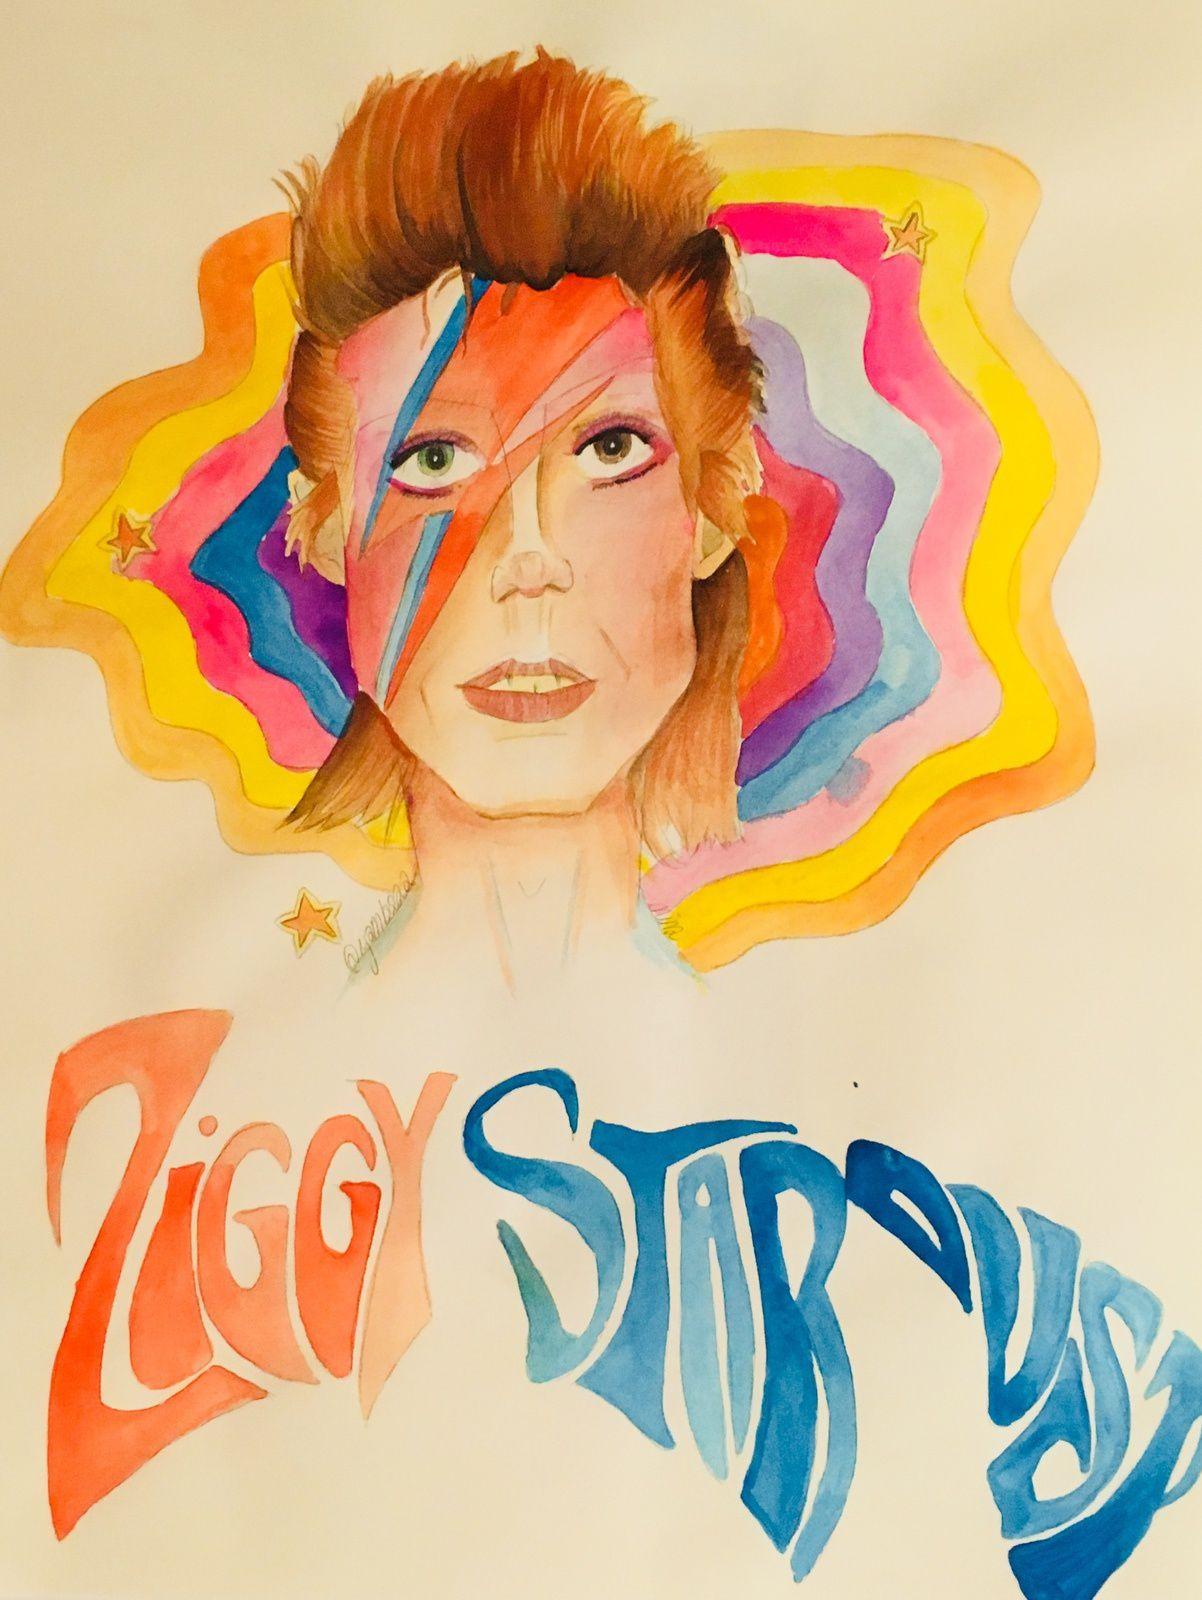 Aquarelle de David Bowie en Ziggy Stardust que j'ai réalisée